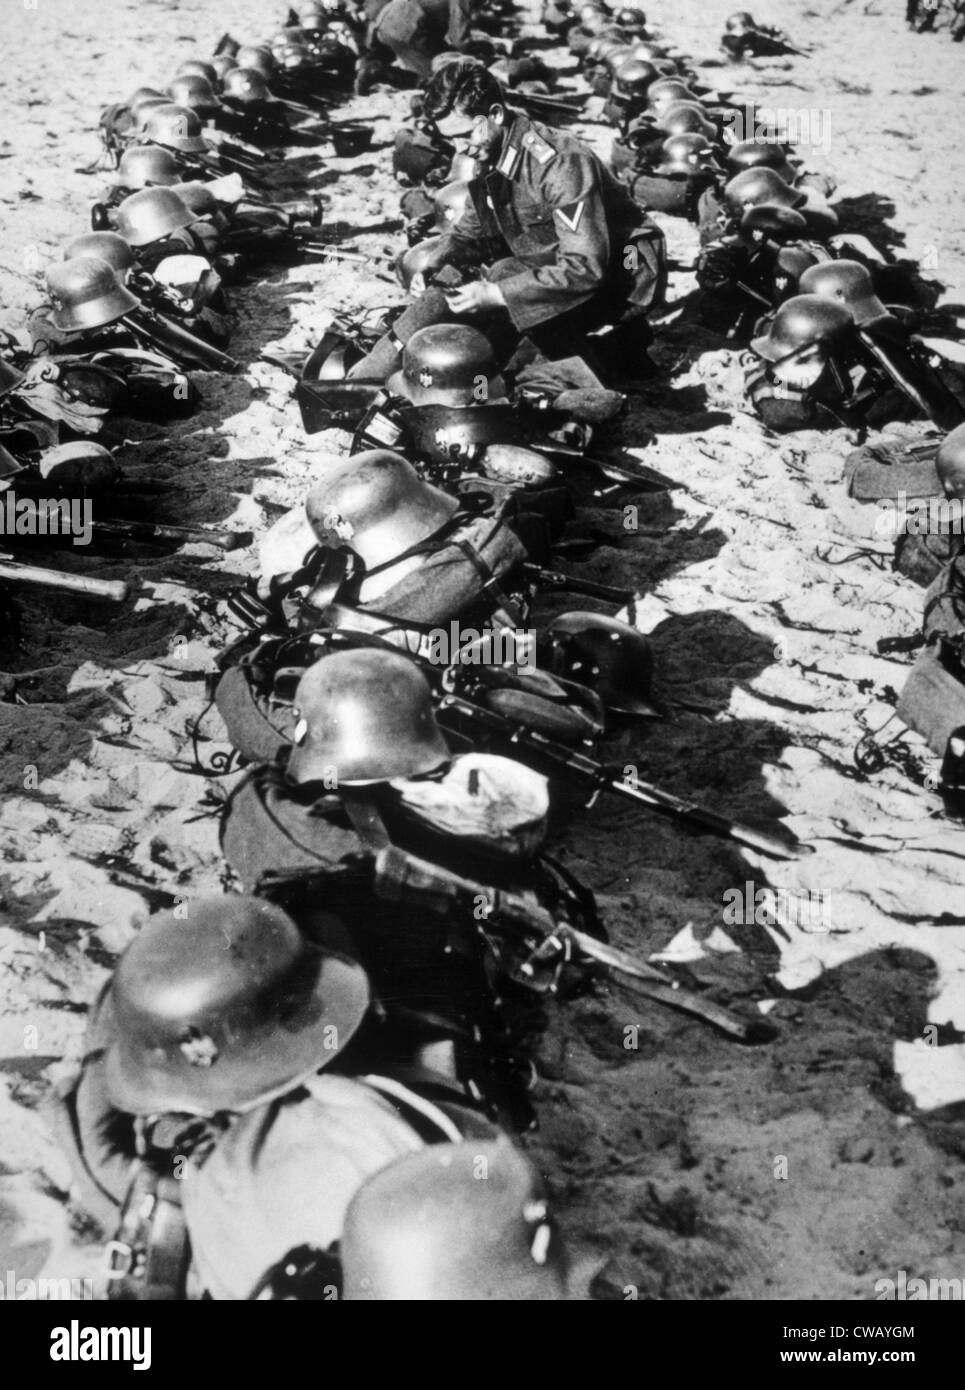 Nazi-Deutschland, ein deutscher Soldat Inspektion Stahl Helme und andere Geräte für die Wehrmacht (Streitkräfte) Stockbild